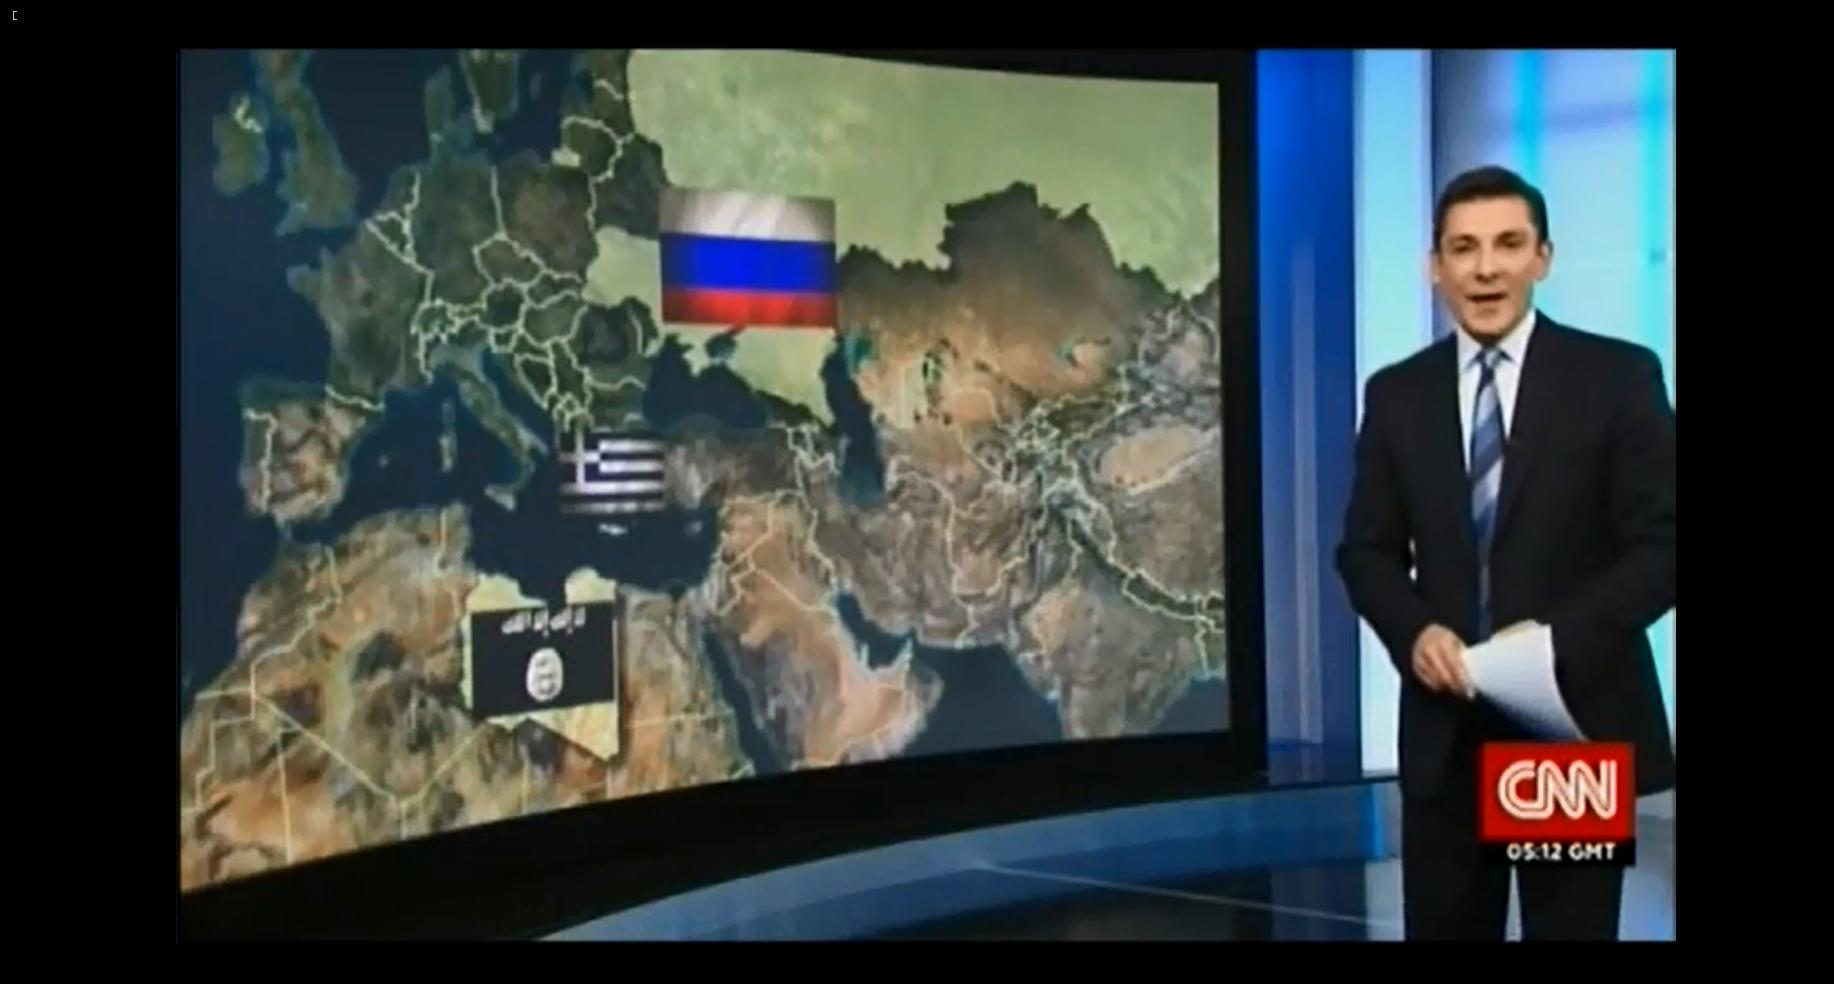 On dirait que CNN a rattaché l'Ukraine à la Russie